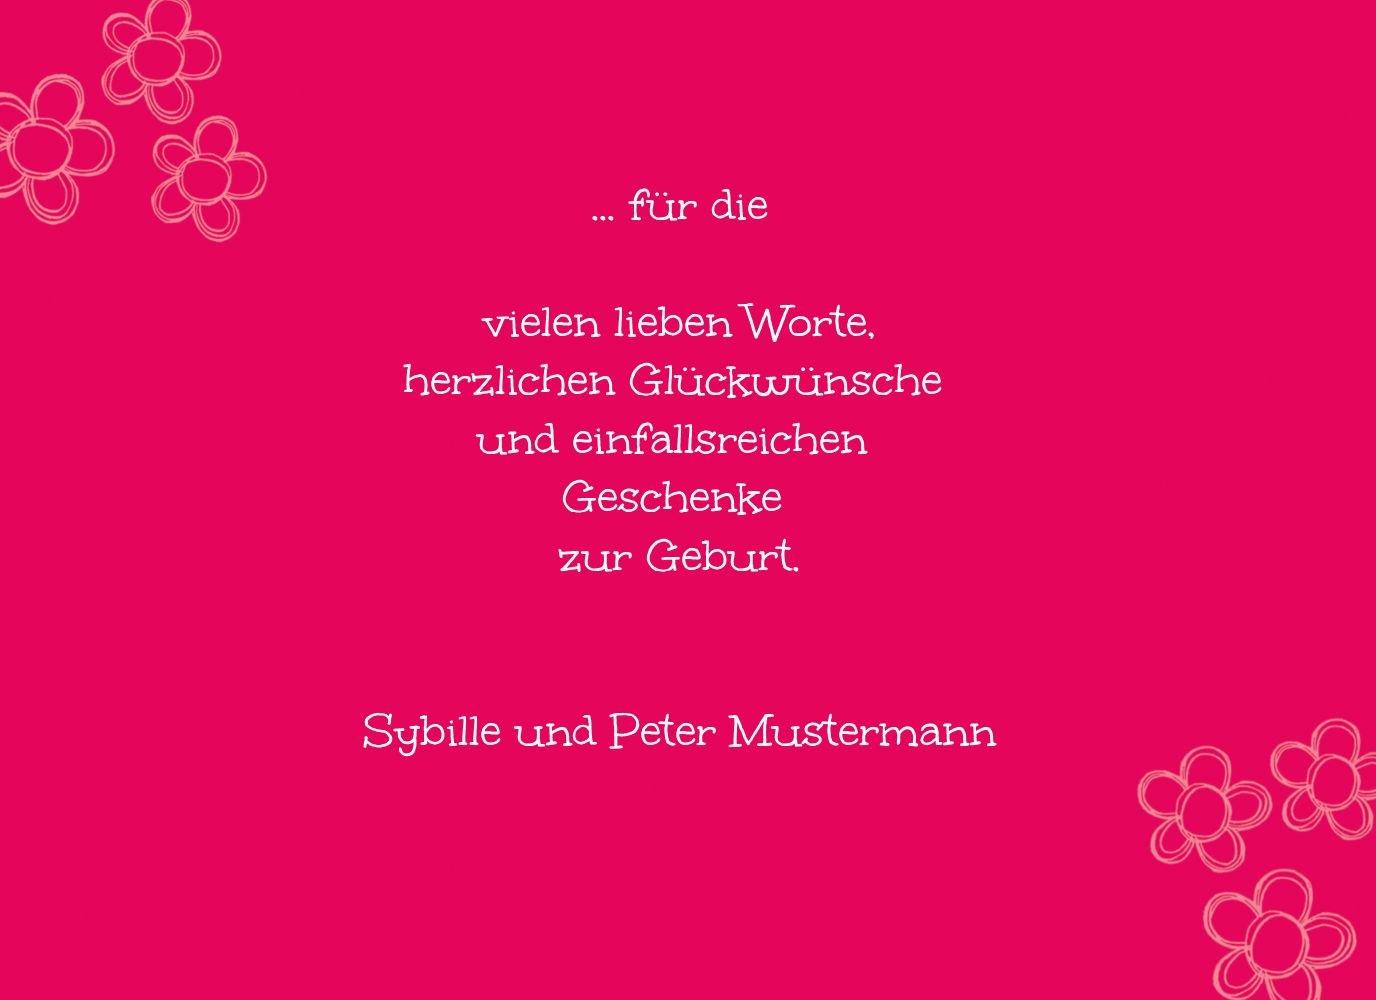 Kartenparadies Danksagung für Geburt Baby Baby Baby Dankeskarte Blüten, hochwertige Danksagungskarte Baby inklusive Umschläge   100 Karten - (Format  148x105 mm) Farbe  Hellbraun B01MTEZQ7M | Won hoch geschätzt und weithin vertraut im in- und Ausland 886b23